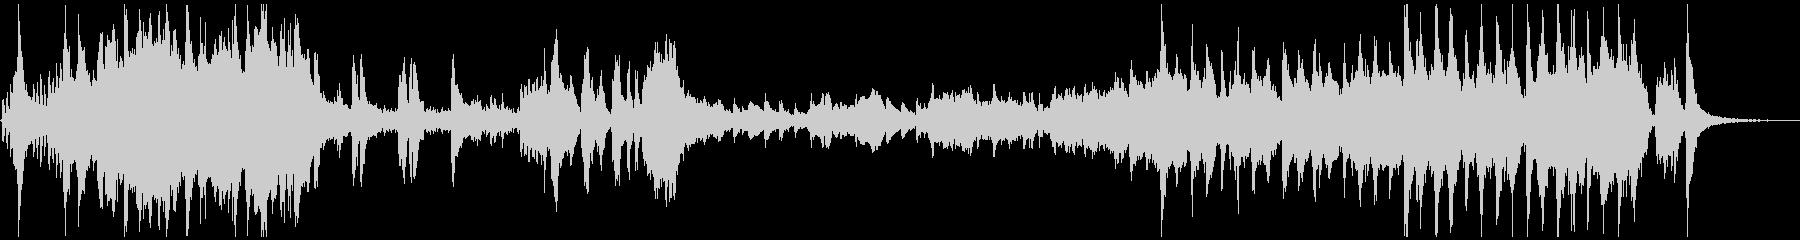 アドベンチャー映画音楽風のオーケストラ曲の未再生の波形